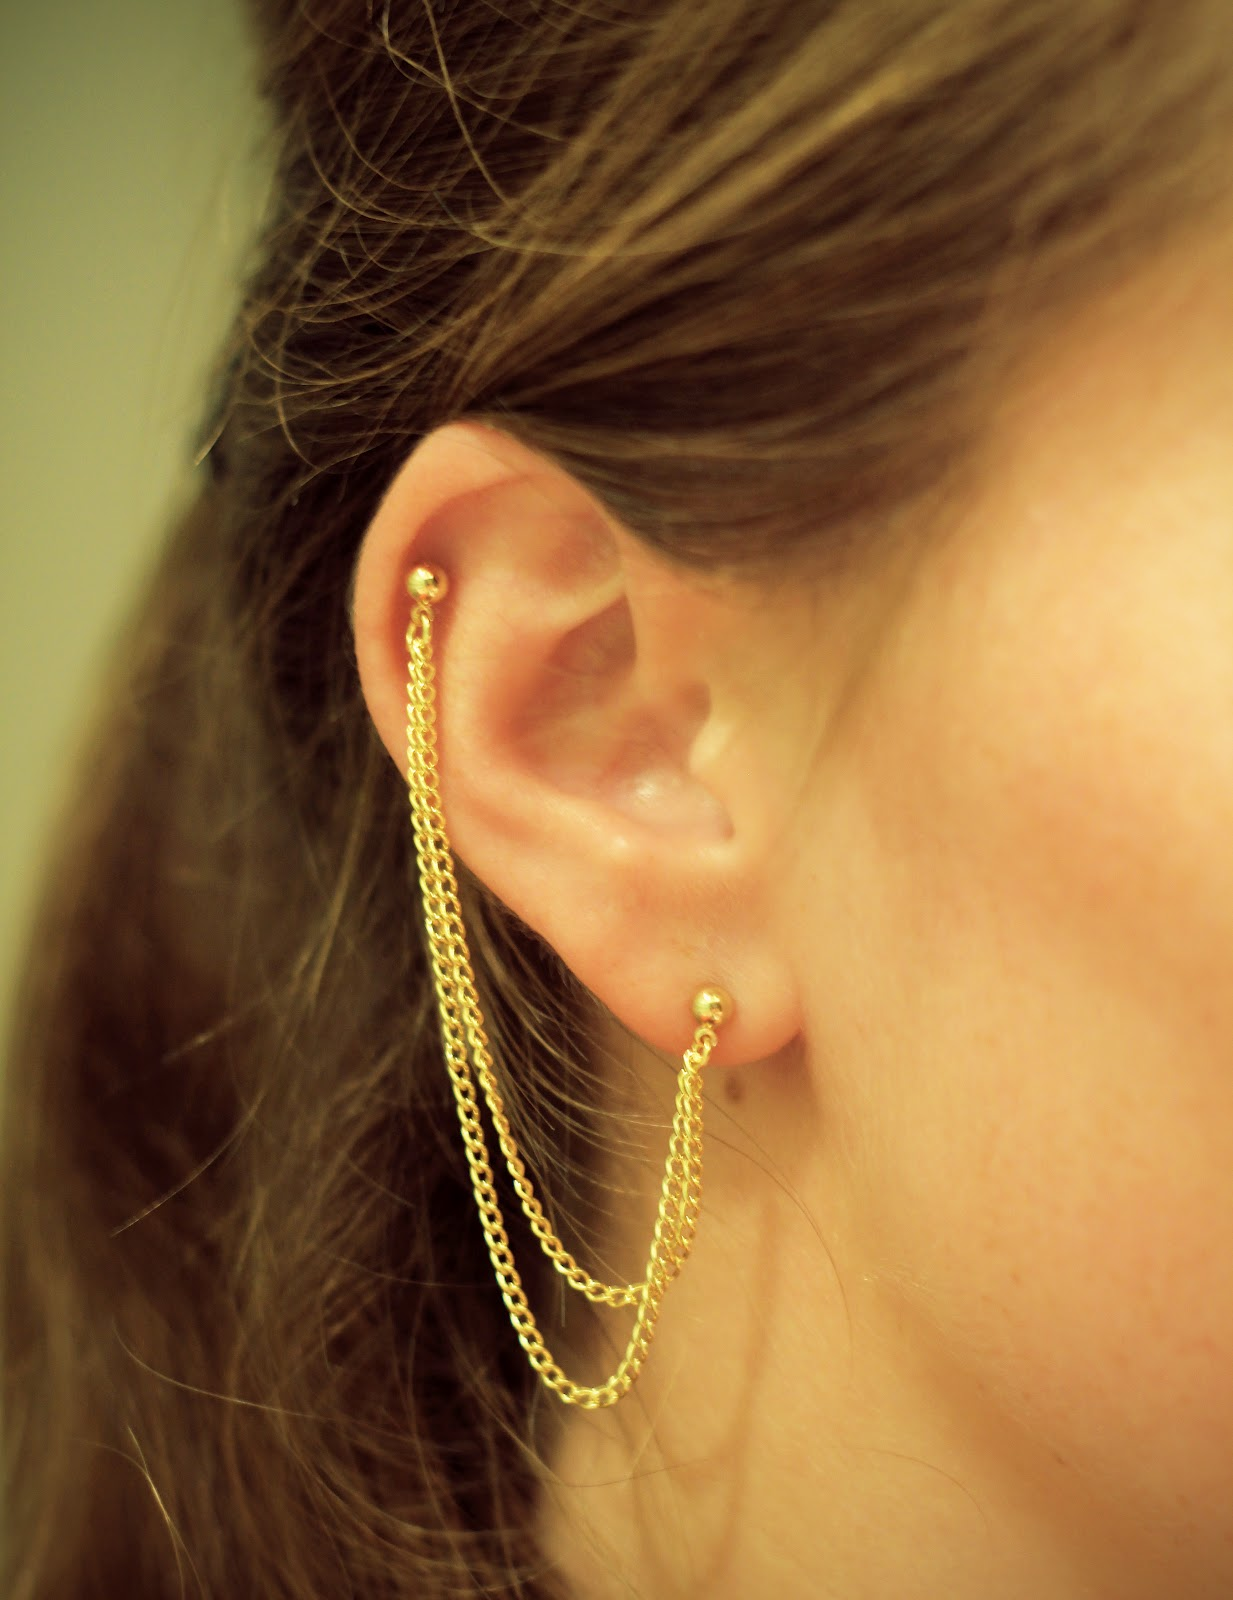 Diy Double Piercing Chain Earring